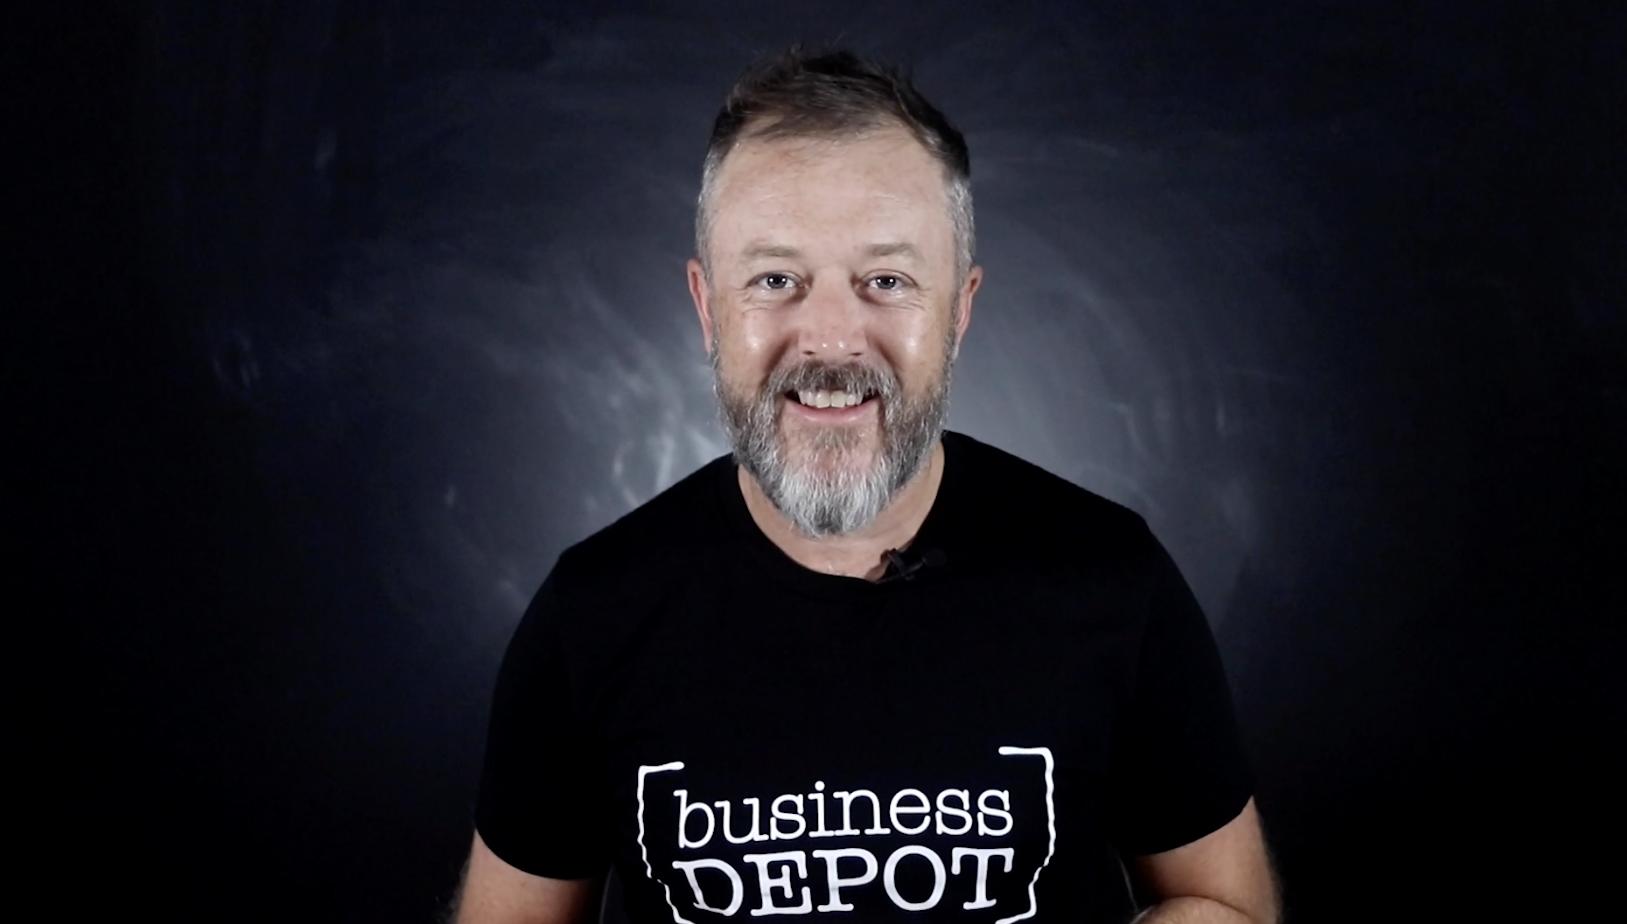 businessDEPOT's John Knight wearing a businessDEPOT tee.